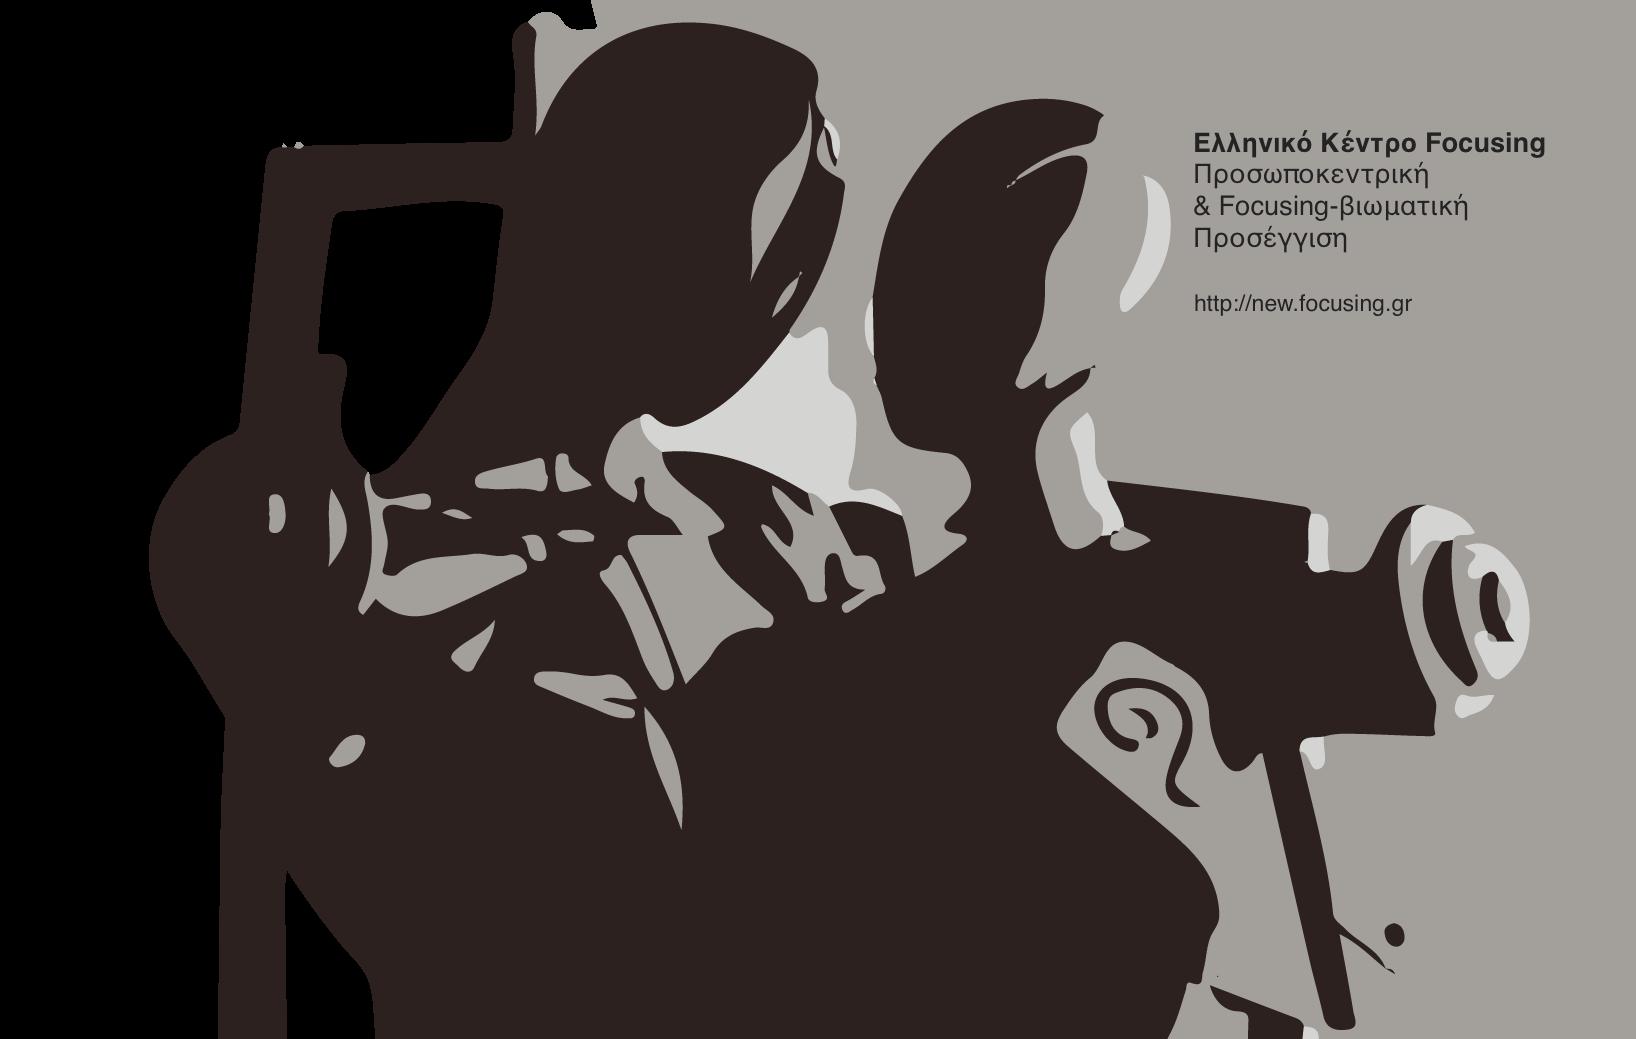 Ελληνικό Κέντρο  Focusing – Συμμετοχή στη Διημερίδα 2015 της Ελληνικής Εταιρείας Συμβουλευτικής